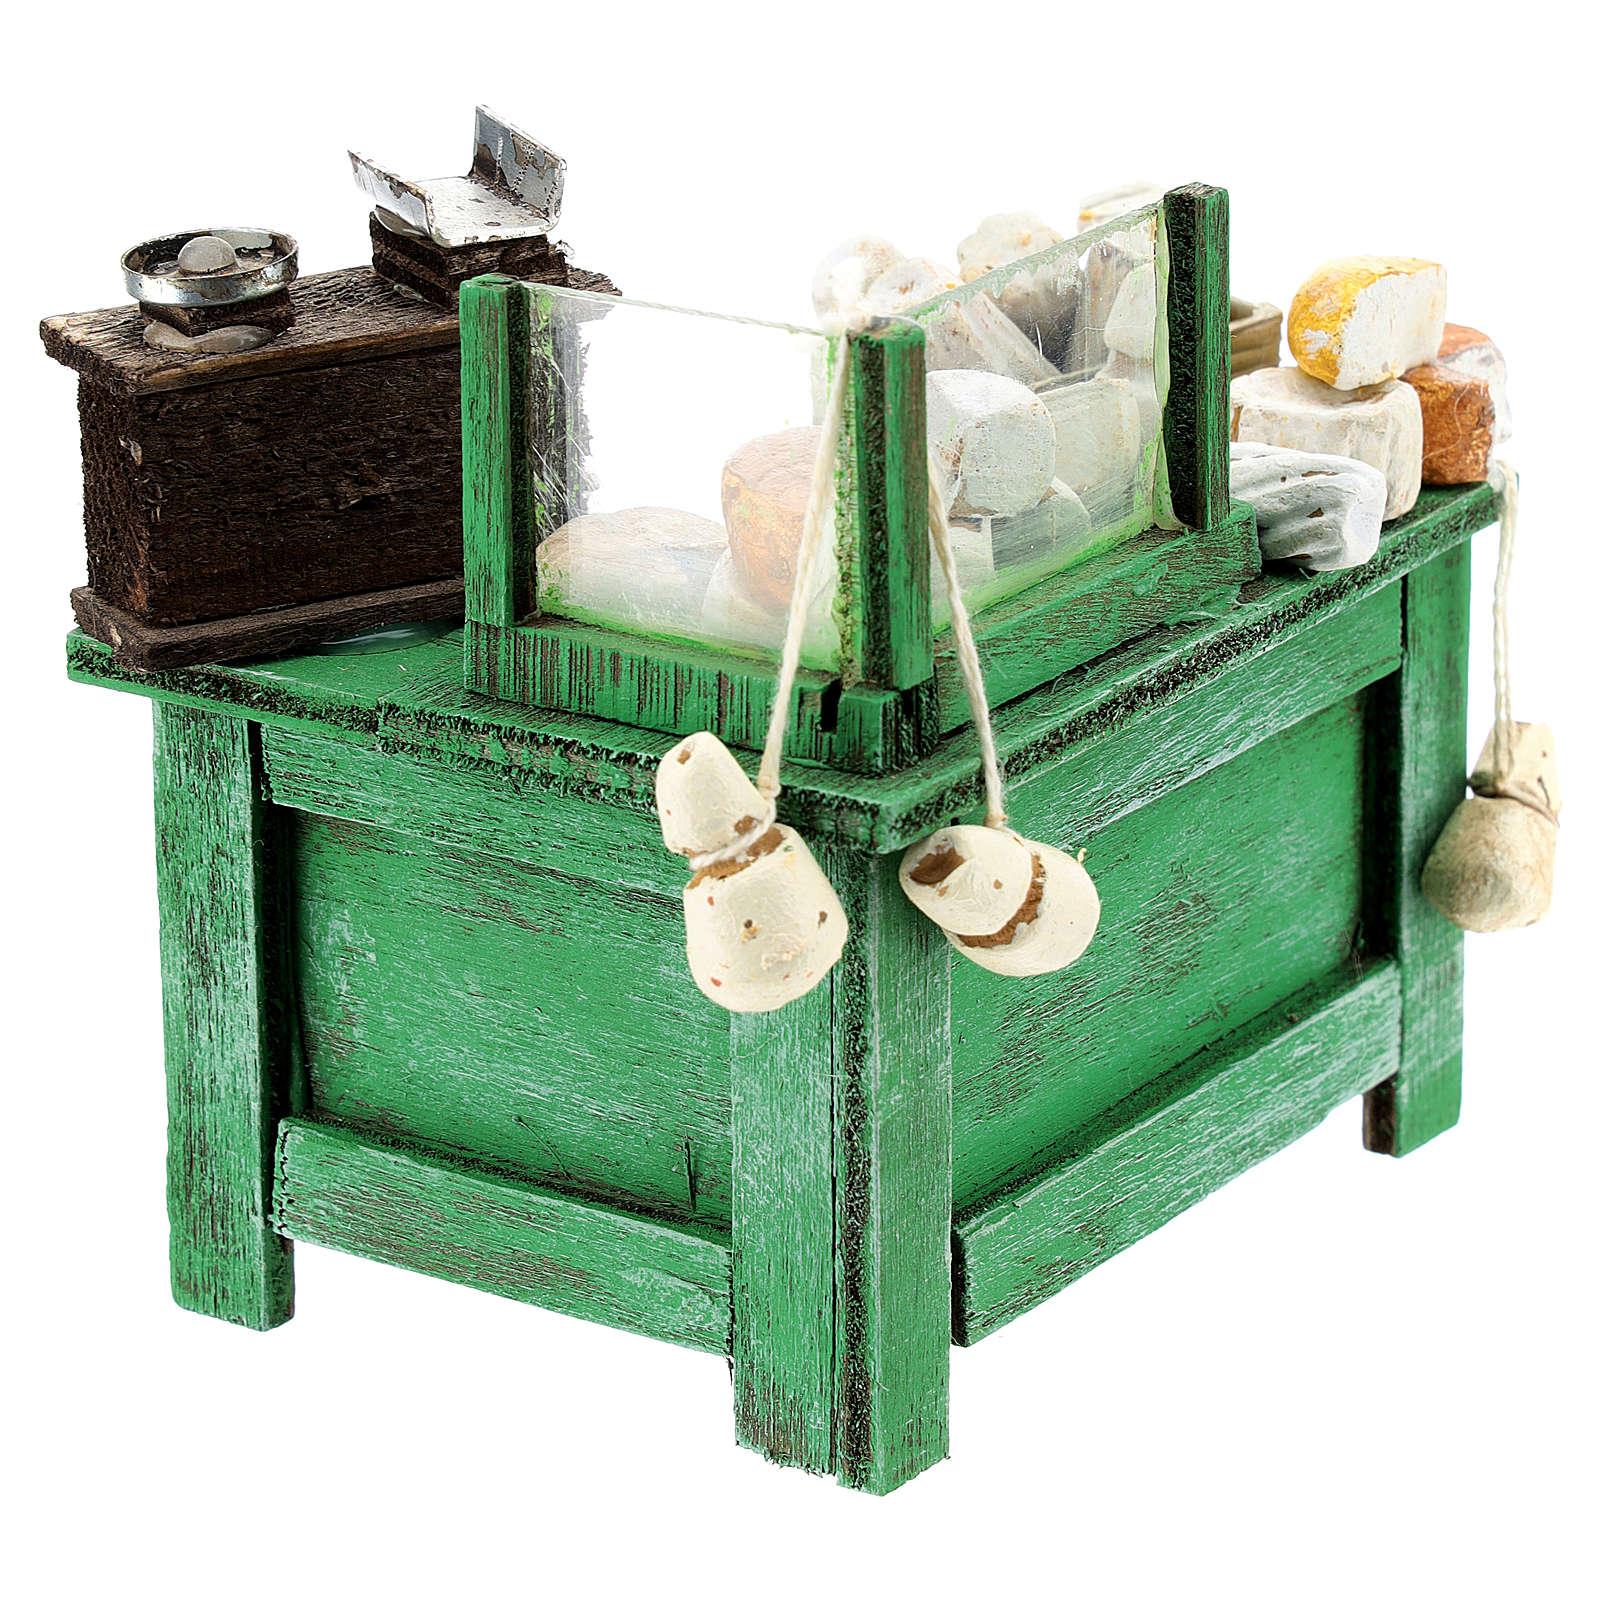 Mostrador vendedor quesos para belén napolitano de 6-8 cm 4